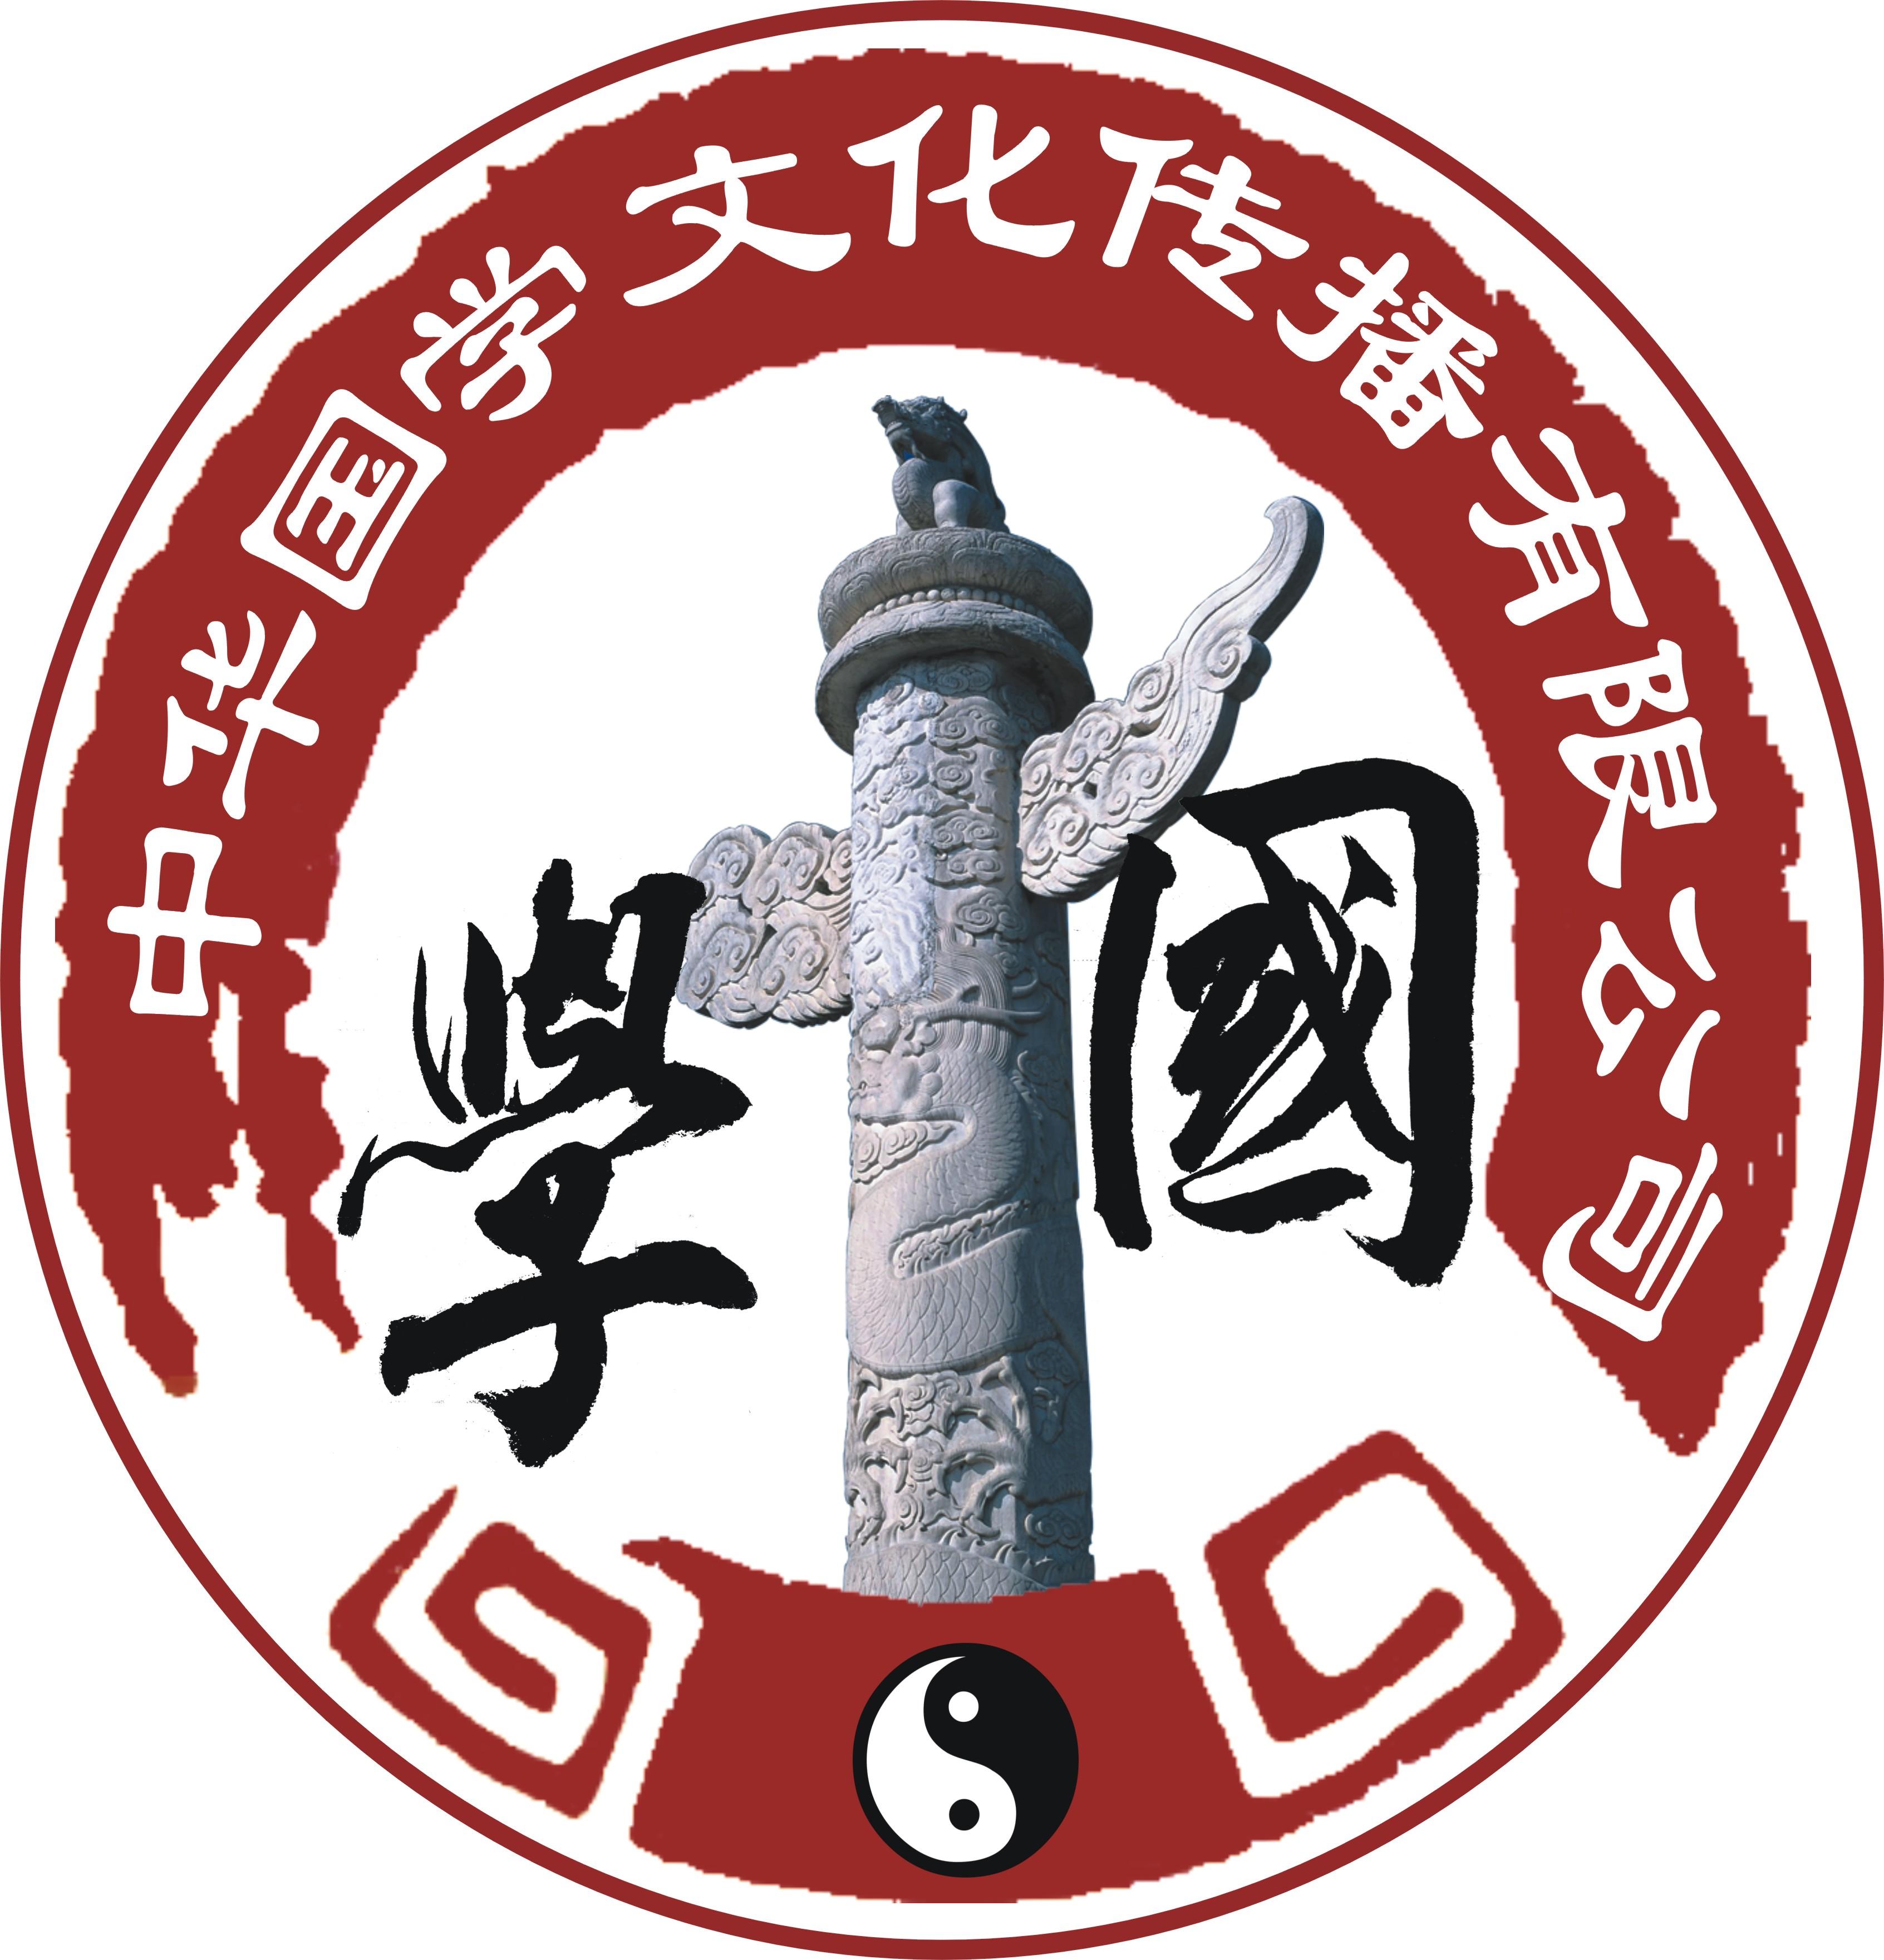 国学幼儿园logo图片大全